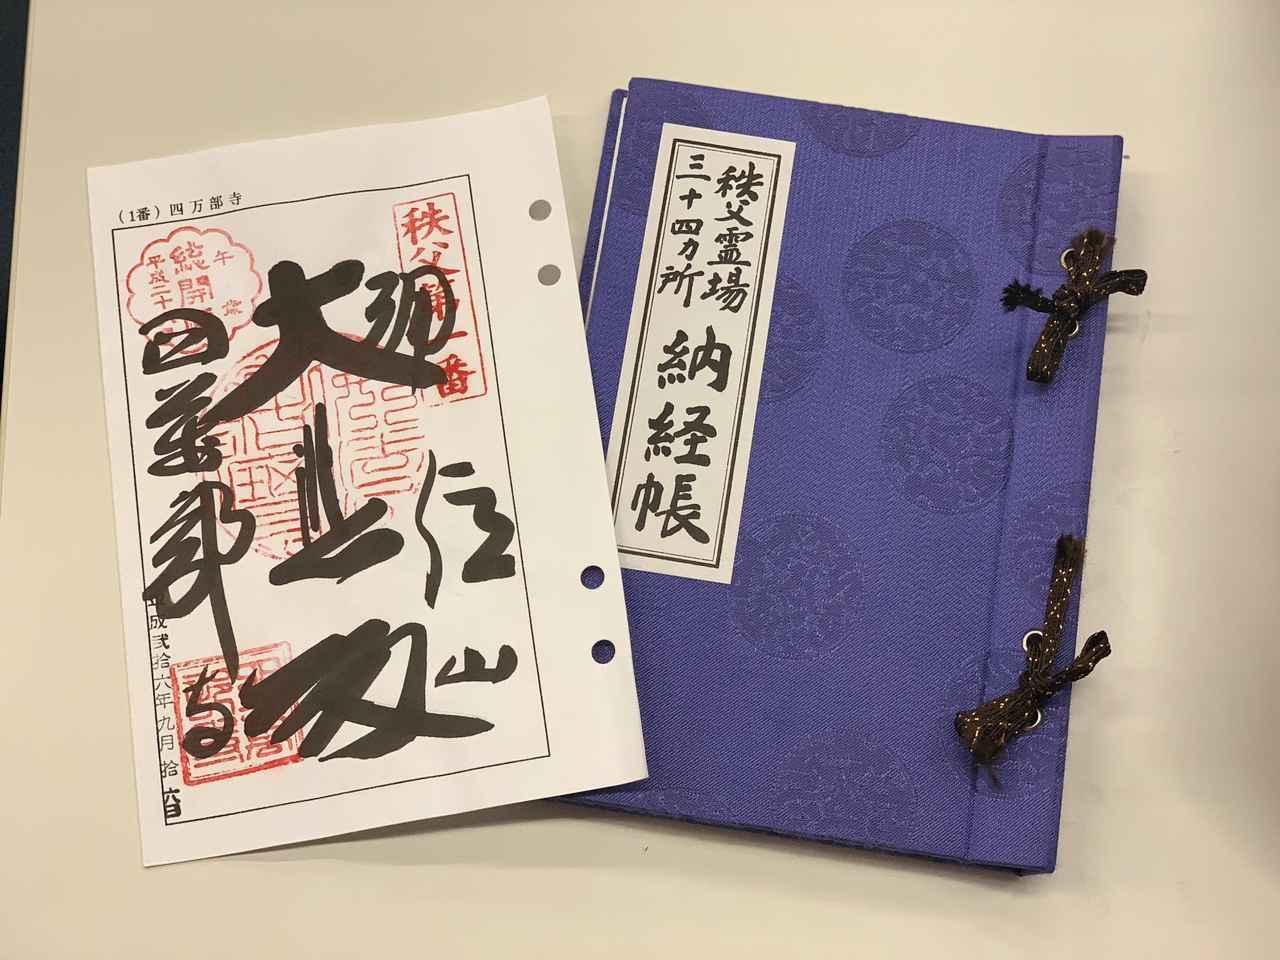 画像: 納経帳(ご朱印帳)の例 ツアーでは添乗員が皆様のご朱印のお世話をさせていただきます